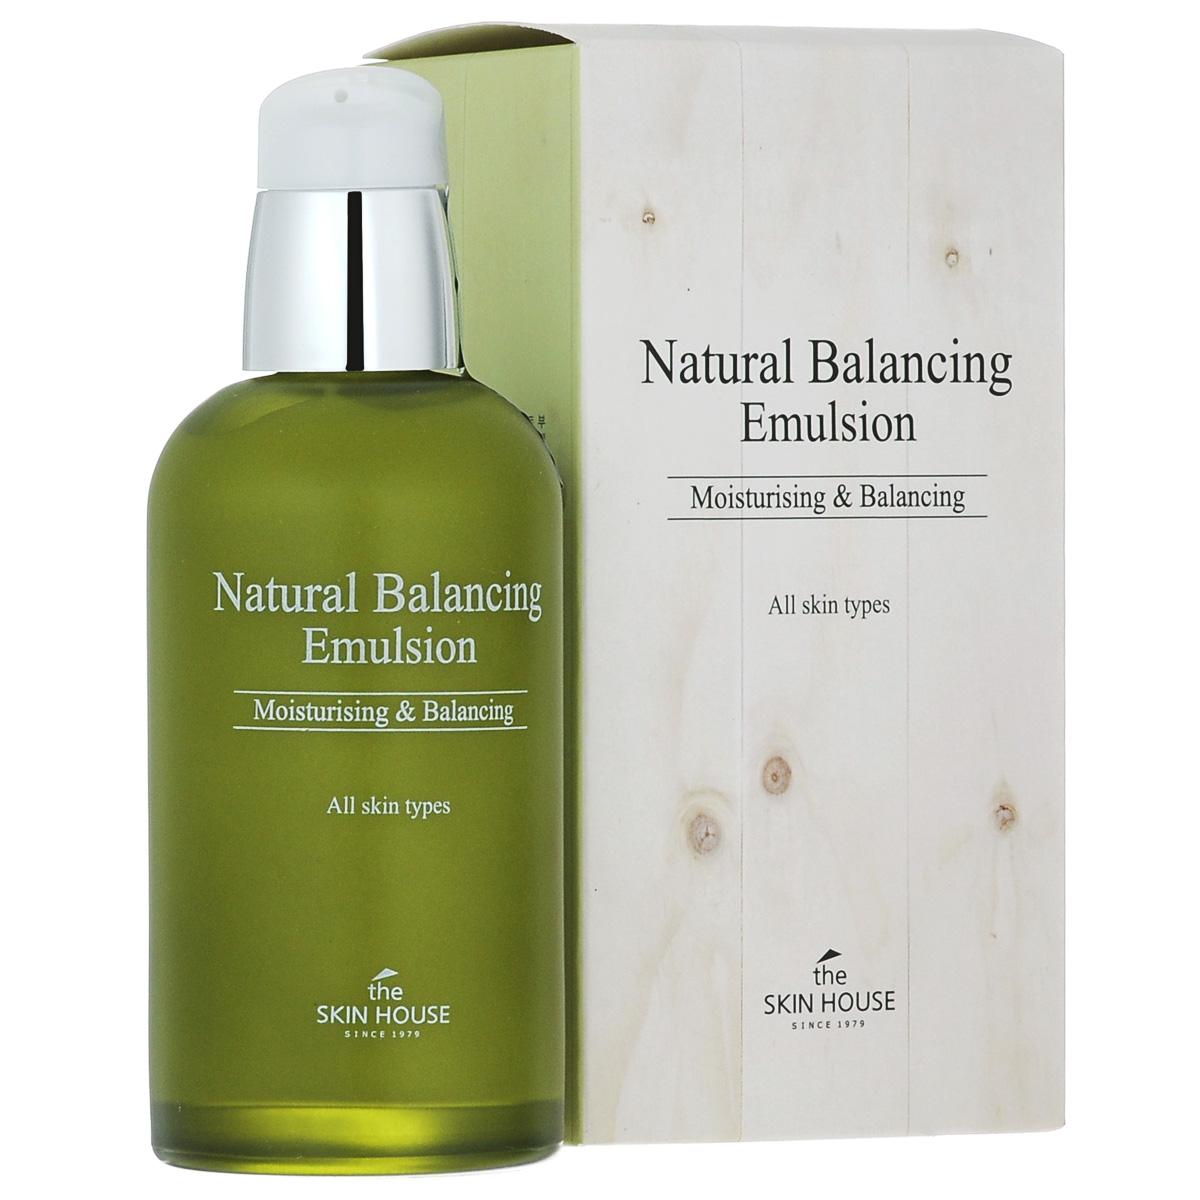 The Skin House Балансирующая эмульсия Natural balancing, 130 млУТ000001227Питающая эмульсия для жирной кожи интенсивно увлажняет и регулирует гидро-липидный баланс, контролируя выработку кожного себума. Делает кожу мягкой и эластичной, а так же предотвращает обезвоживание, сохраняя влагу в дерме. Успокаивает кожу, снимает стресс , минимизирует раздражения и сужает поры.